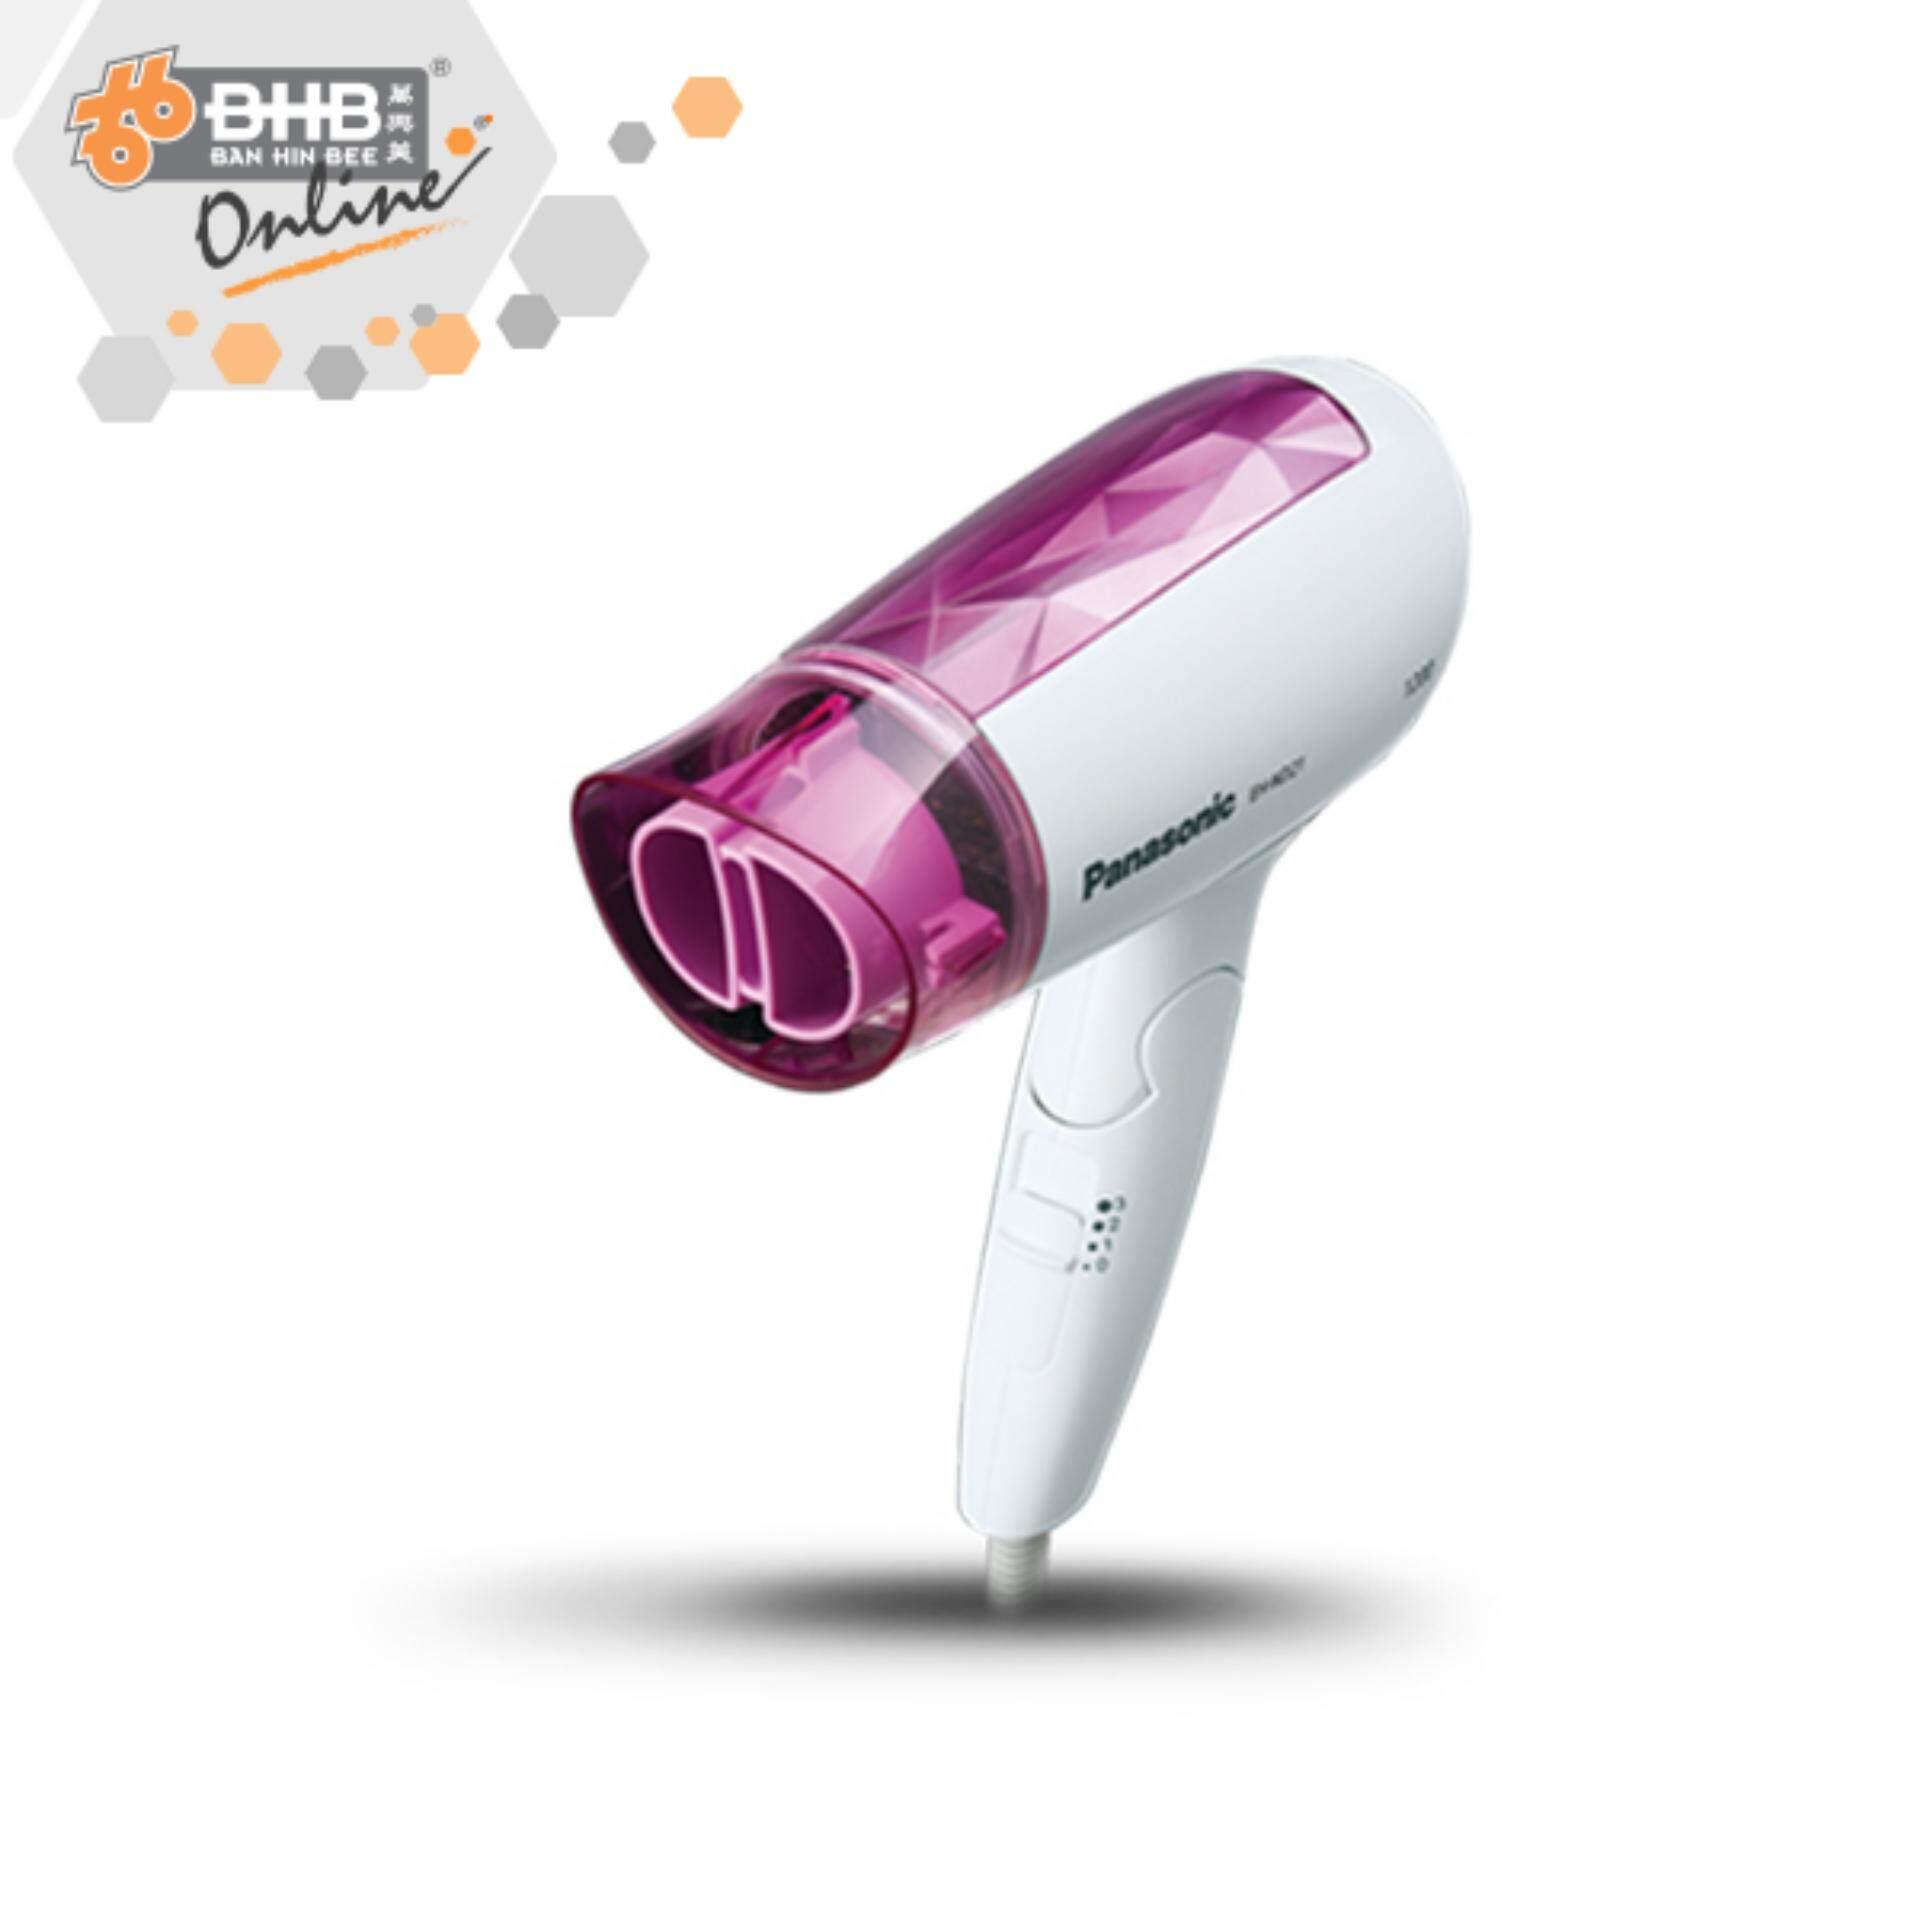 Kedai Panasonic Pan Ehnd21 Hair Dryer Terlengkap   Februari 2019 ... 2befe381f4